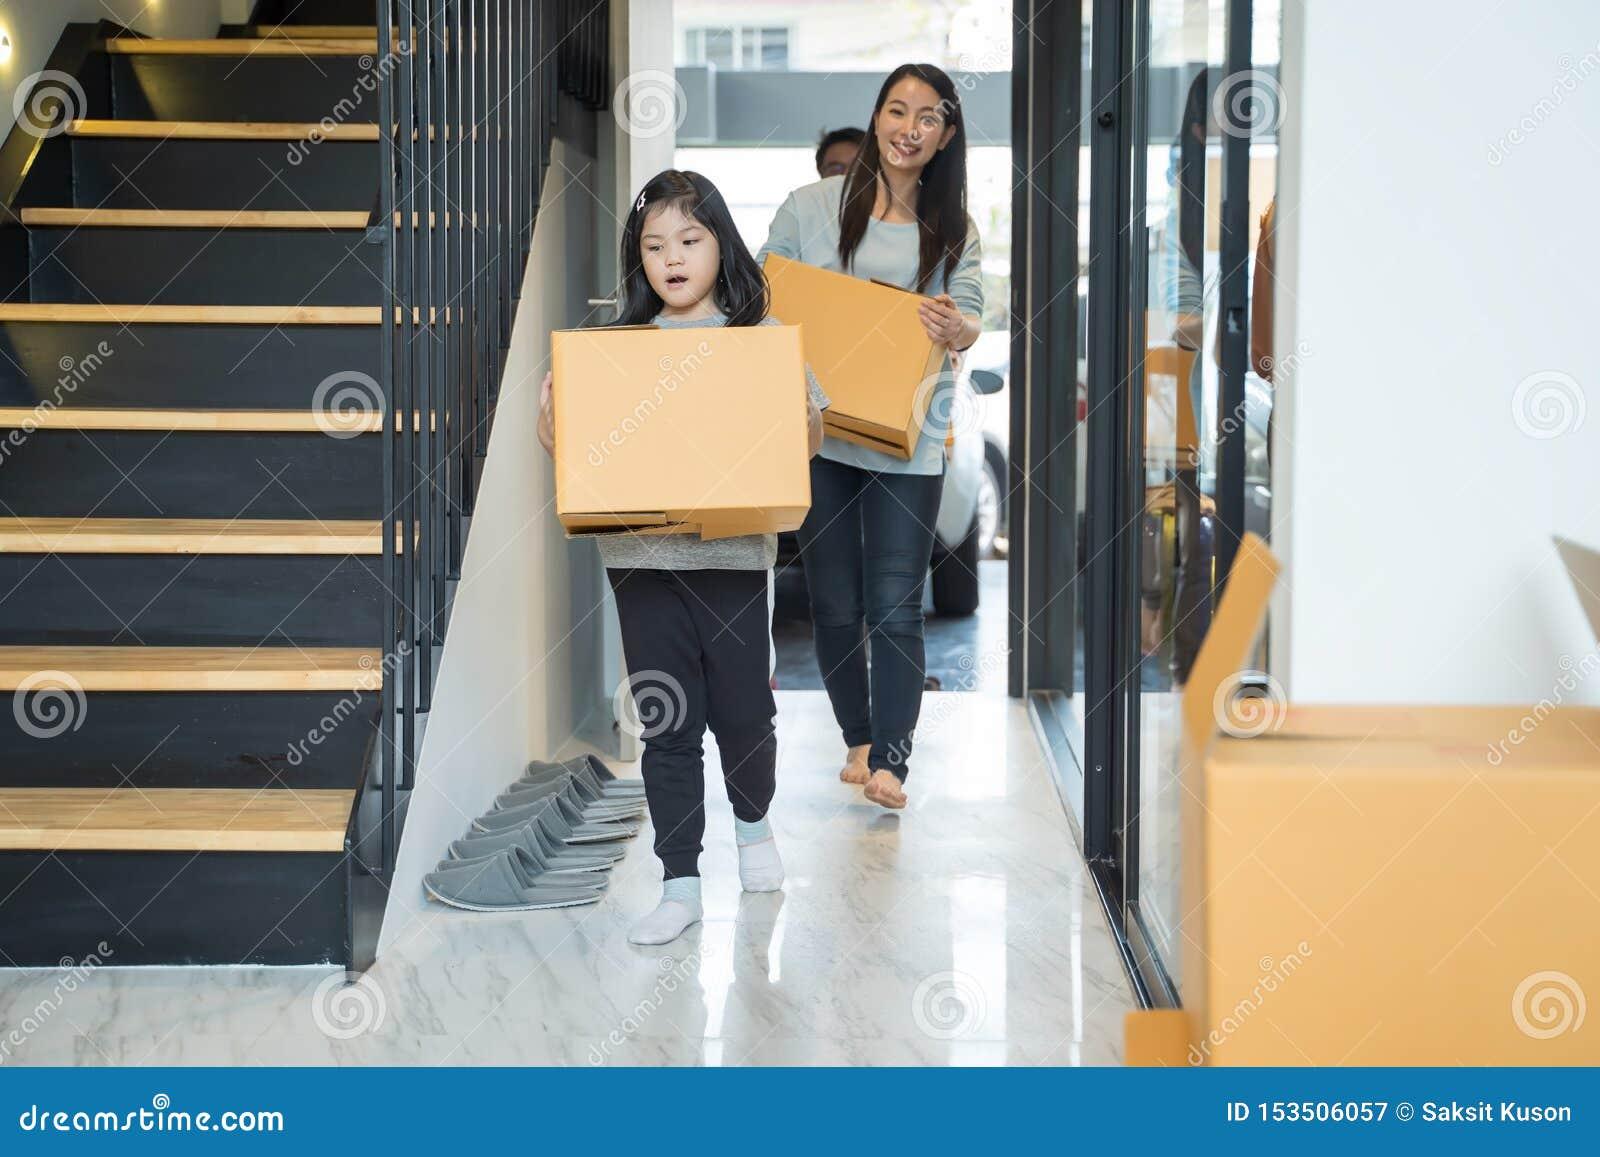 Retrato de la familia asiática feliz que se mueve a la nueva casa con las cajas de cartón